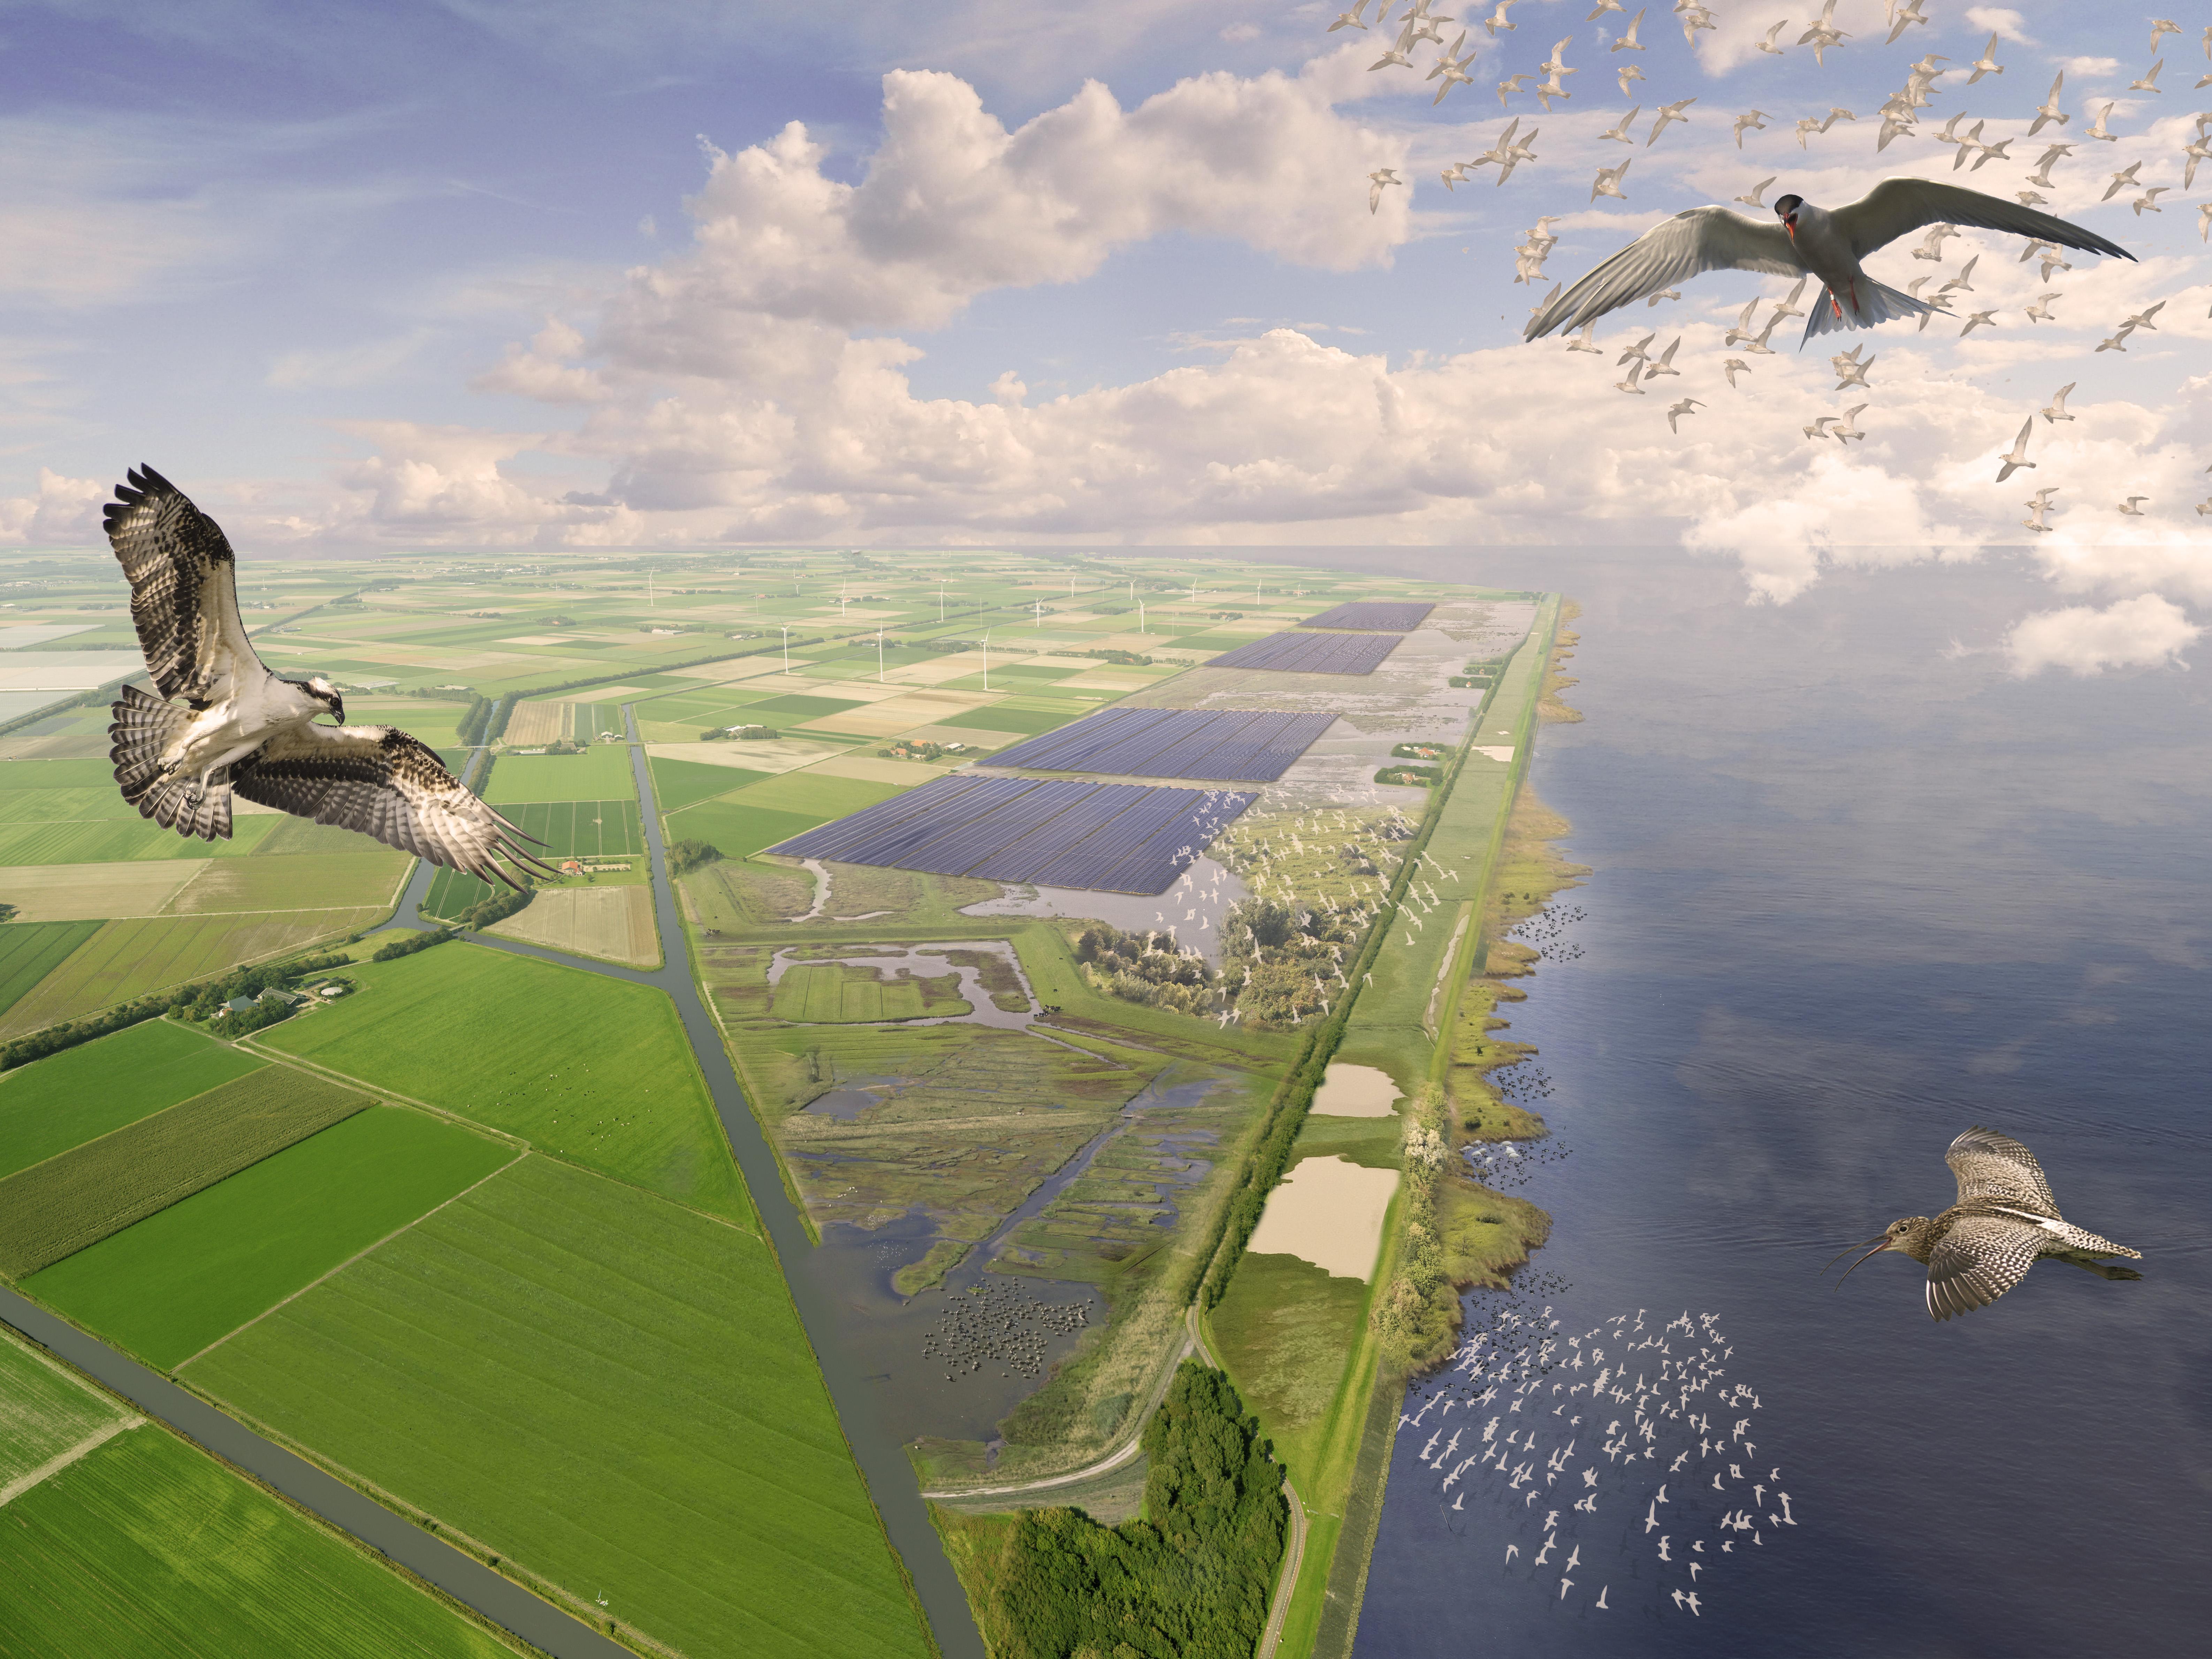 Zonne-atollen in het IJsselmeer? Een schijnoplossing | Opinie